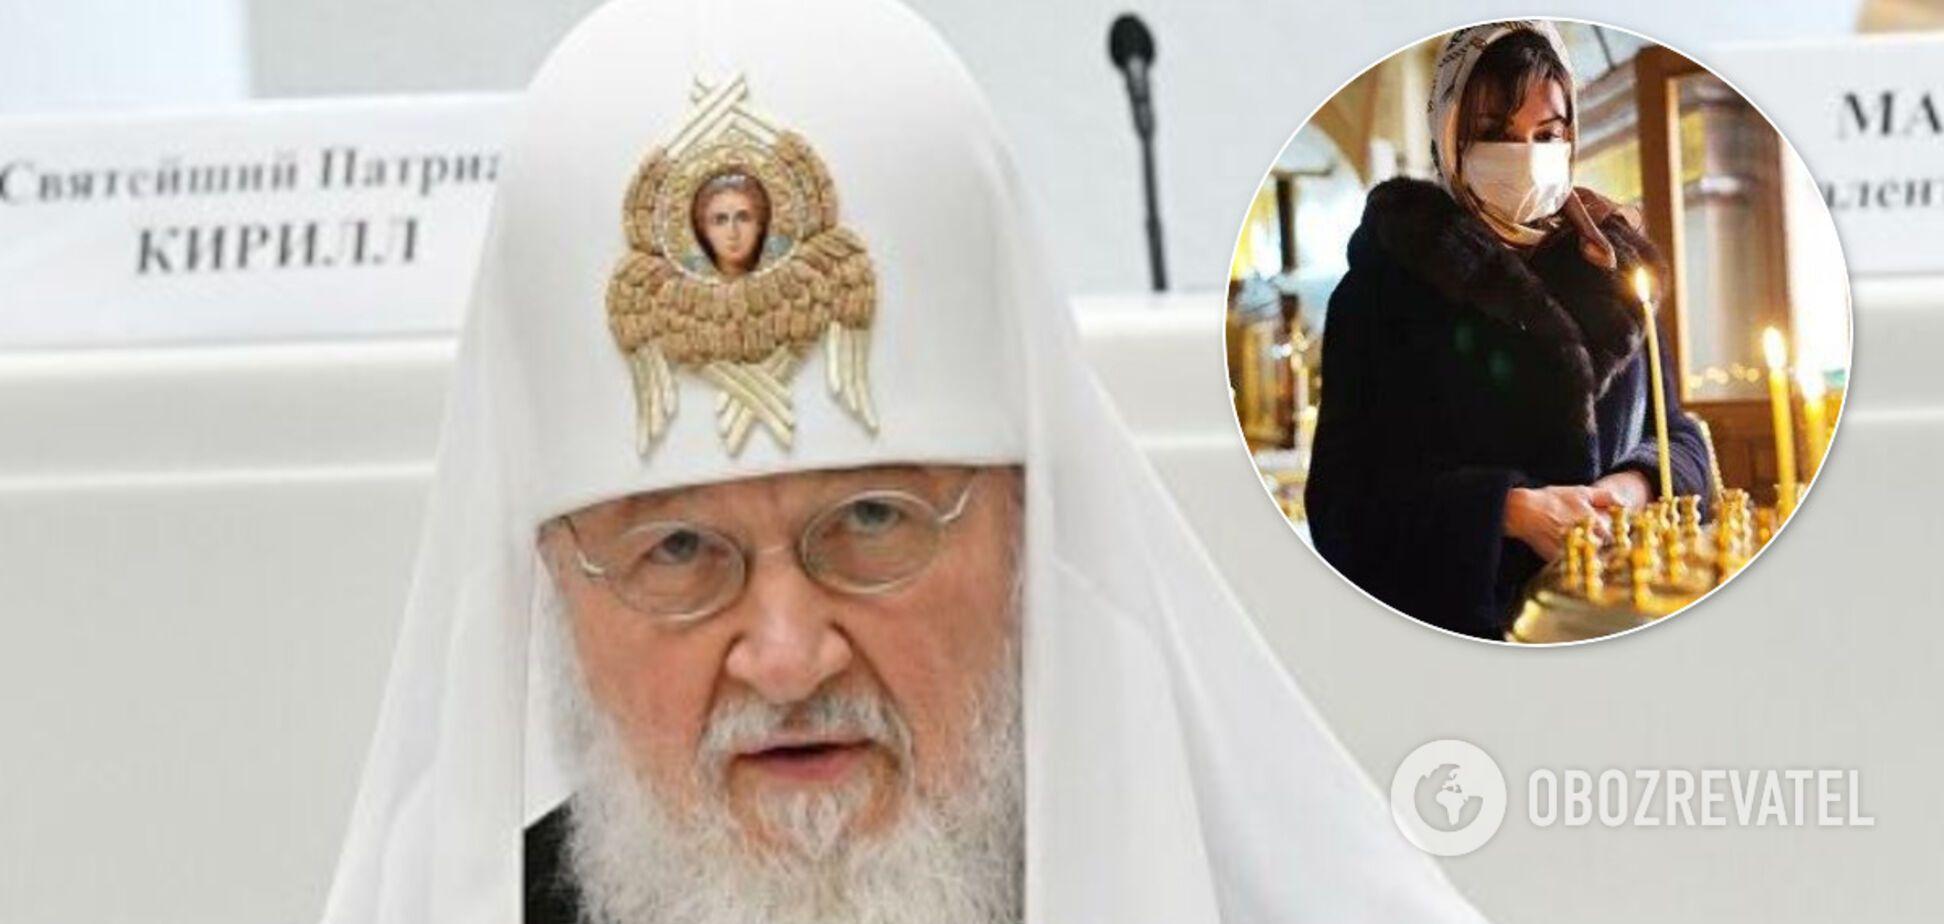 Глава РПЦ Кирил назвав пандемію коронавірусу 'милістю Божою'